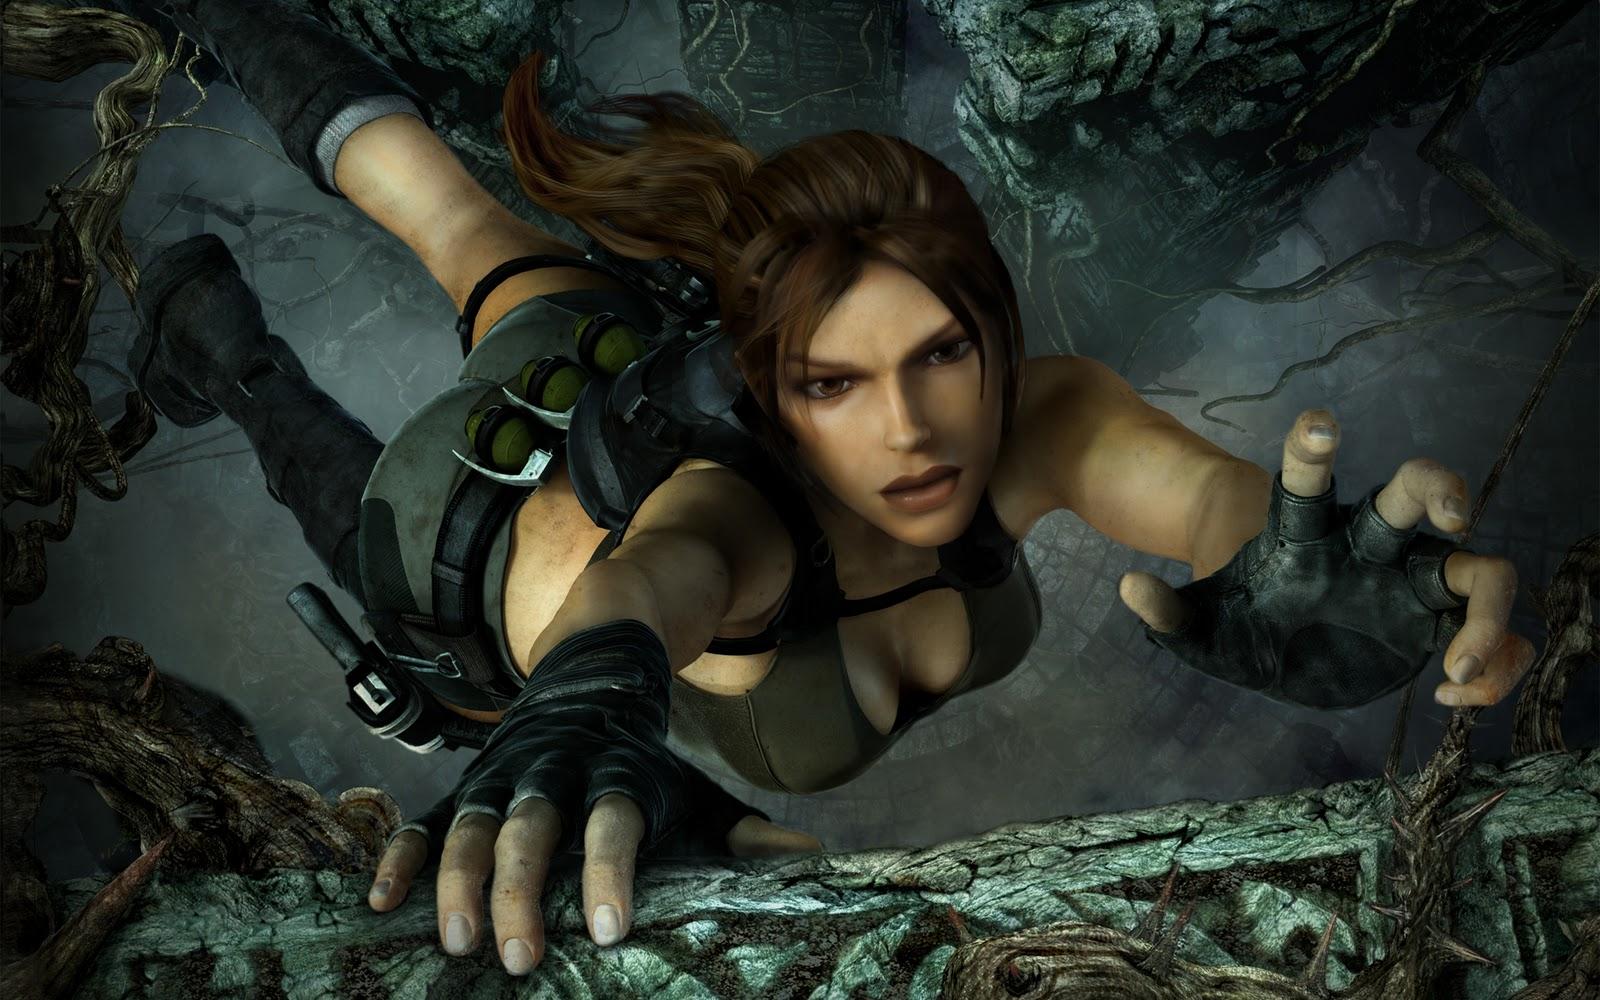 Papel De Parede HD: Wallpapers Tomb Raider